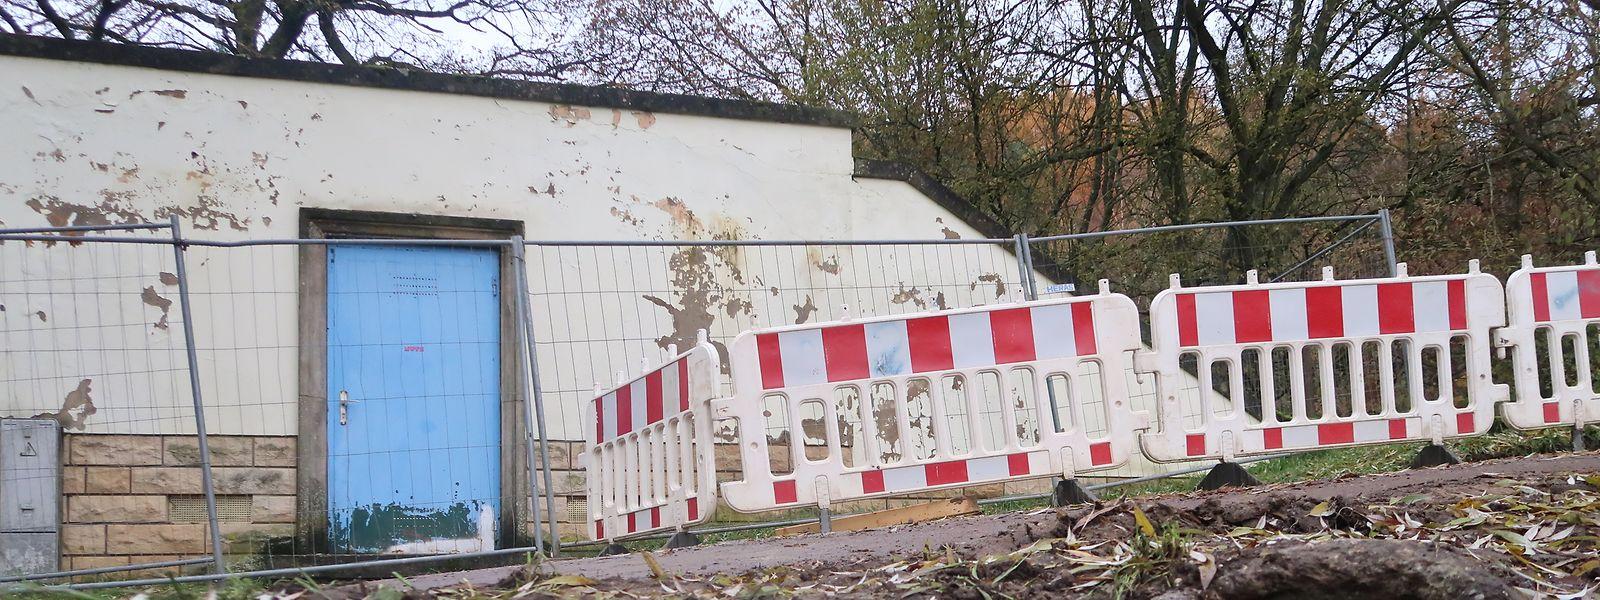 Der Wasserbehälter Schleifmillen soll bald außer Betrieb genommen werden.